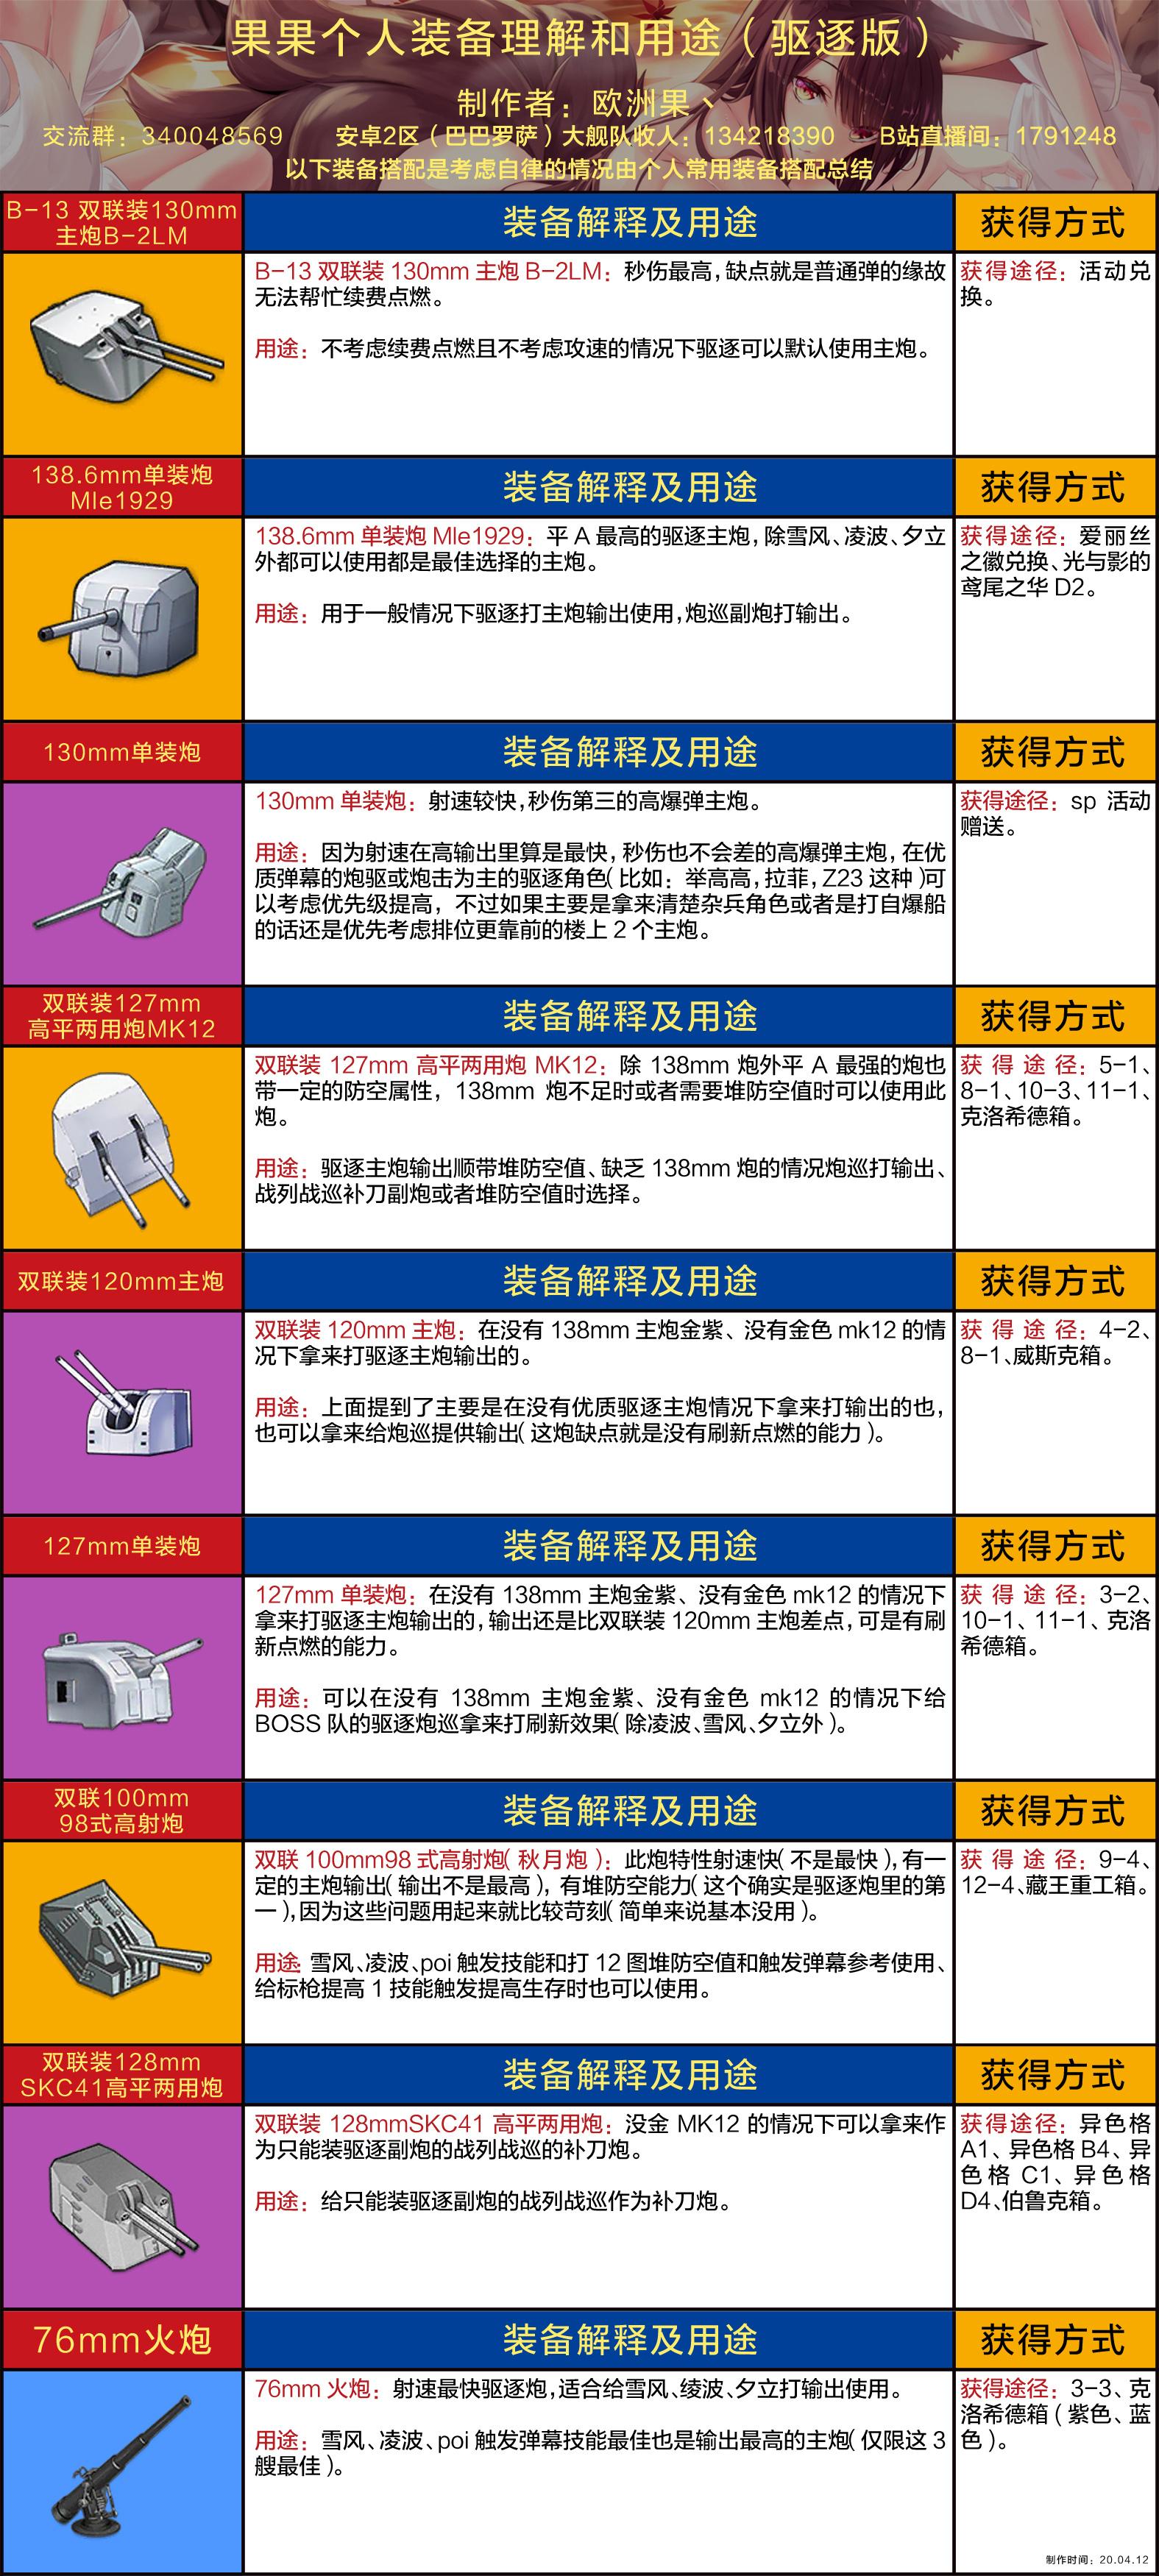 果果个人装备理解和用途(驱逐版wiki).jpg